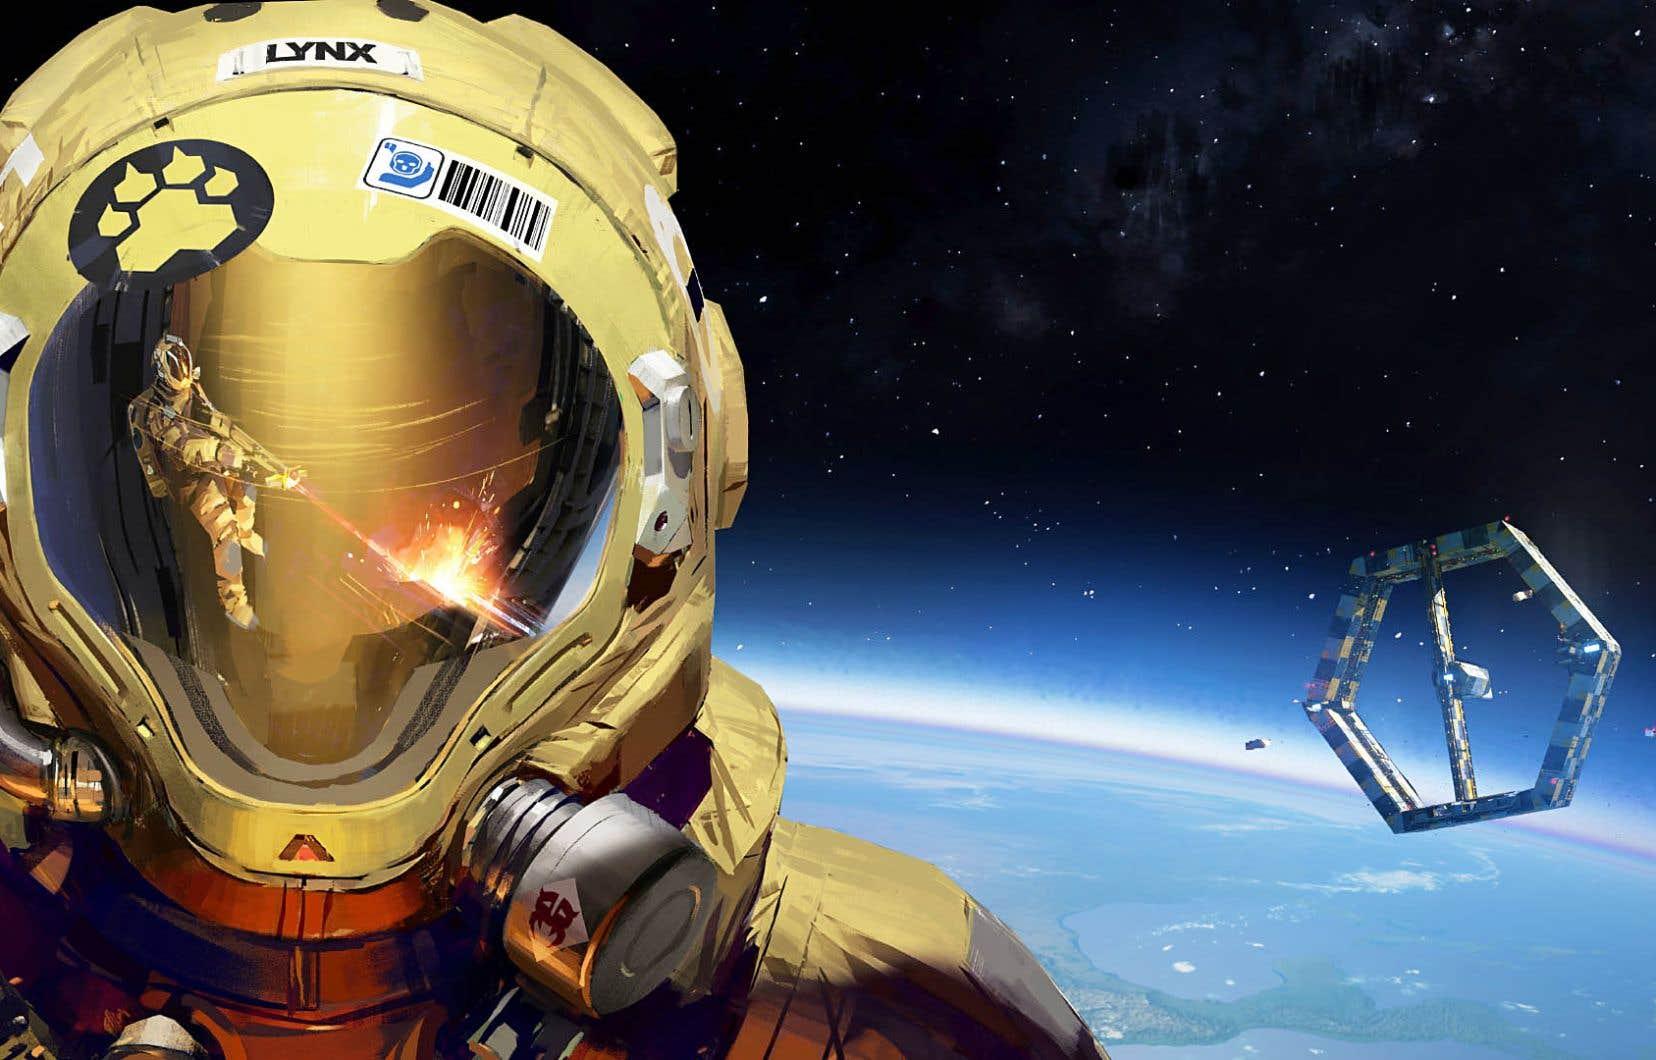 En sous-texte, «Shipbreaker<em>»</em> se veut une satire de ce que pourrait être une industrie spatiale monopolisée par le secteur privé gouvernant une main-d'oeuvre déshumanisée.